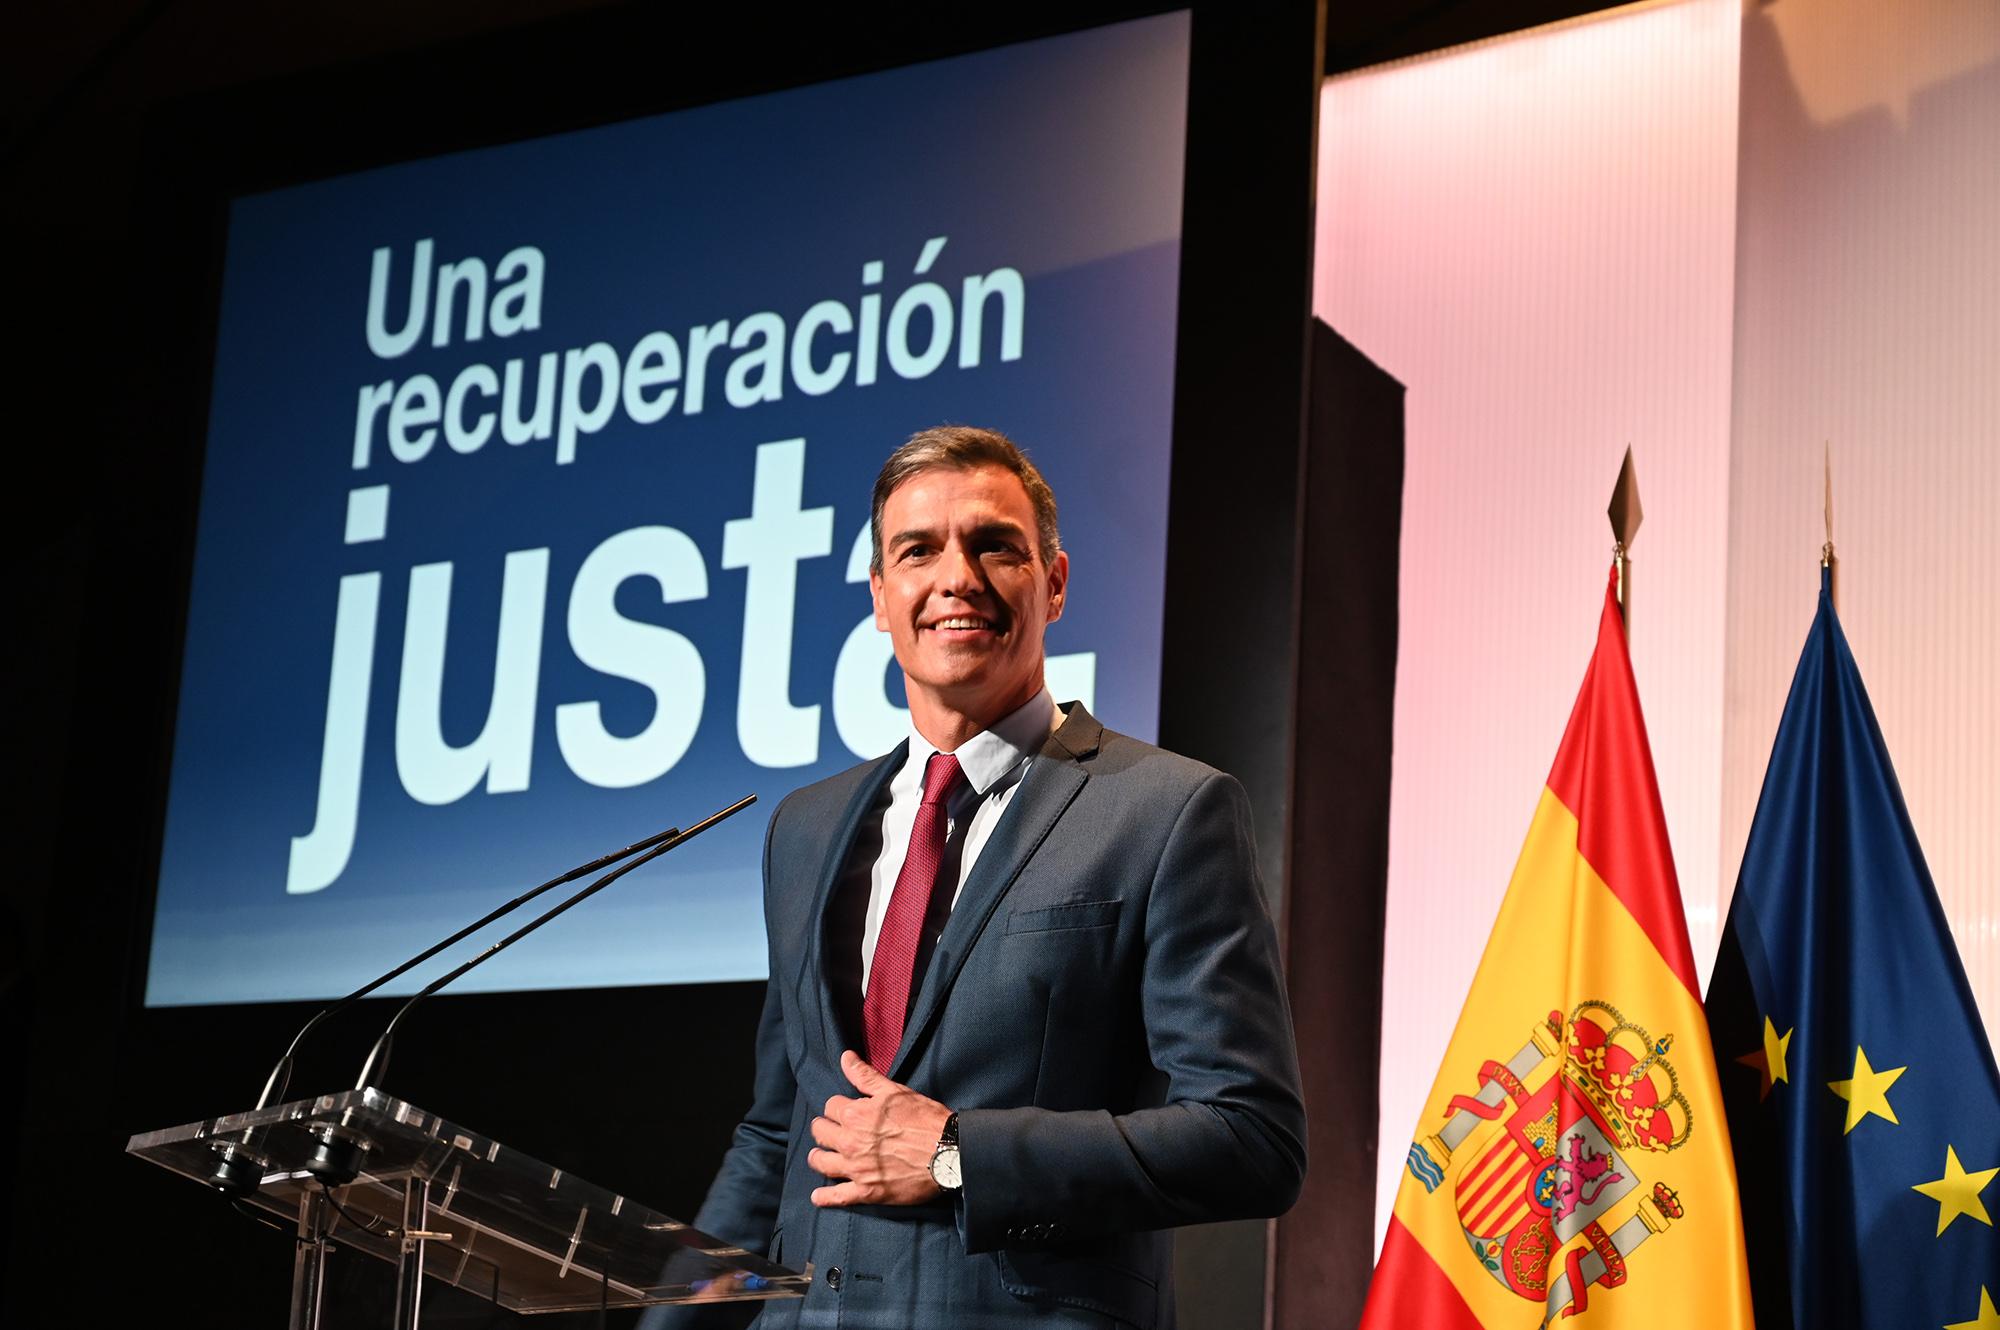 El presidente del Gobierno, Pedro Sánchez, pronuncia una conferencia en la Casa de América